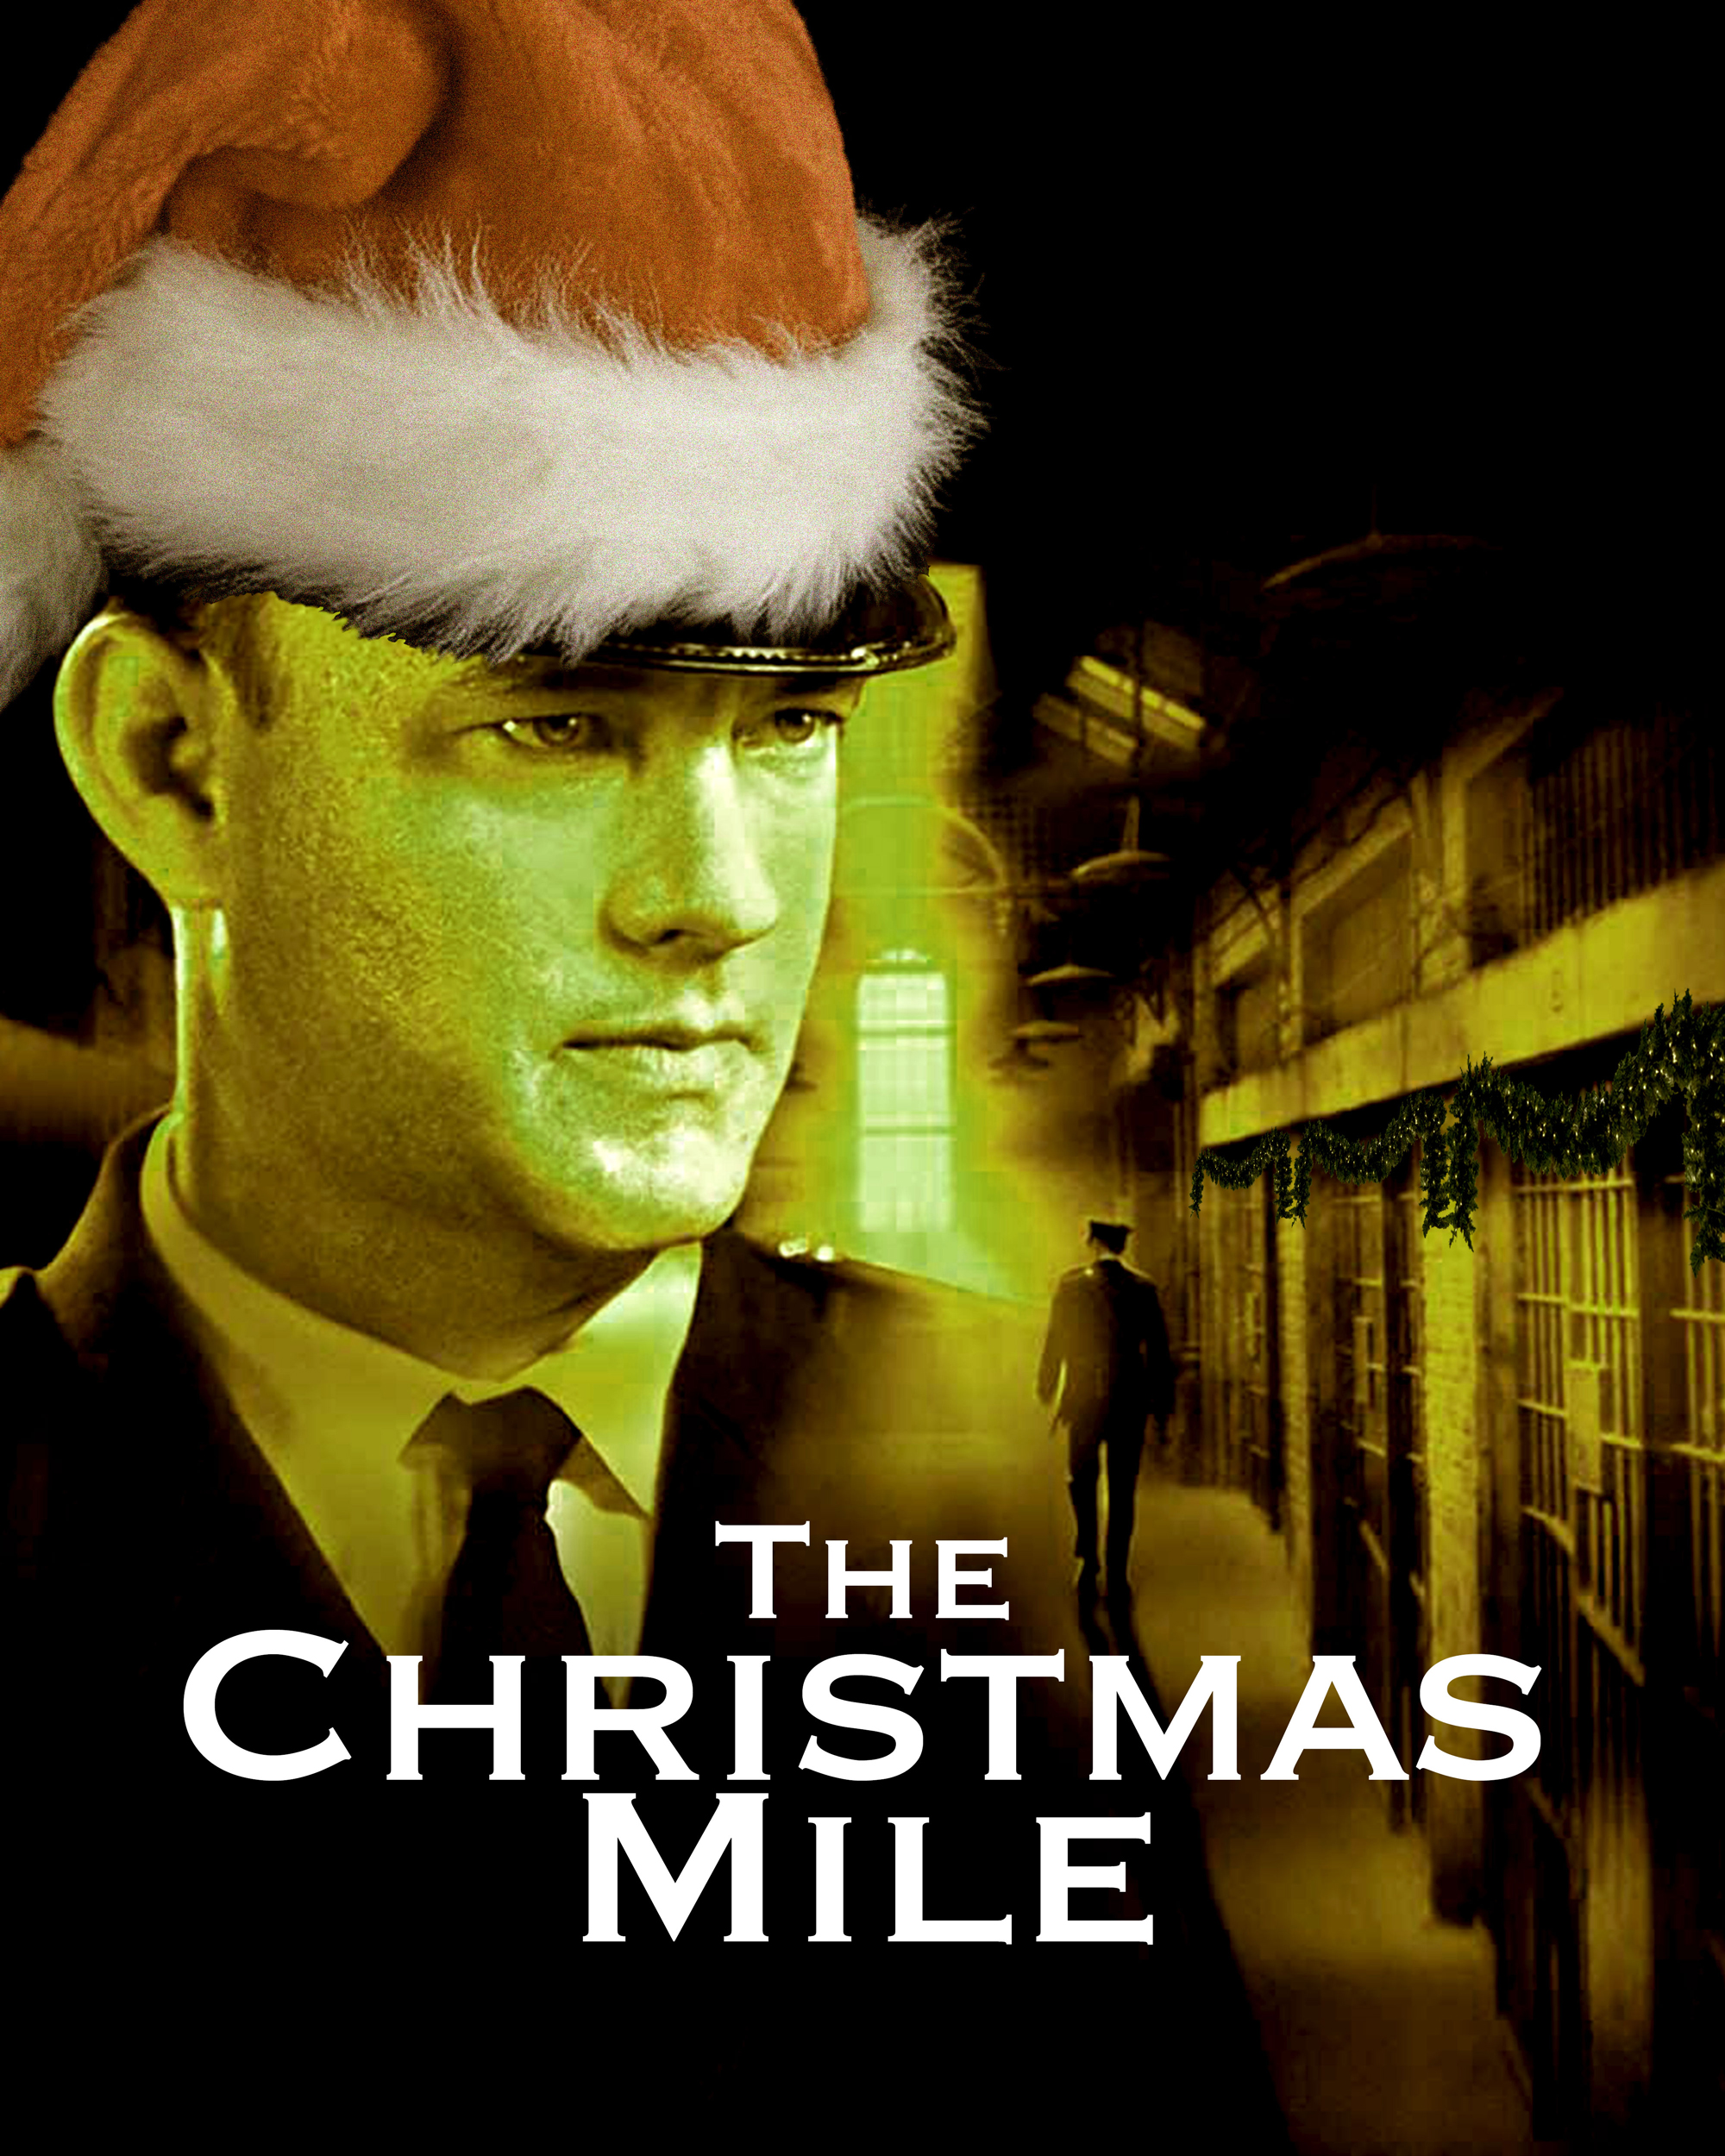 También intentamos generar títulos de películas navideñas. Nuestro departamento de arte se divirtió mucho con estos.